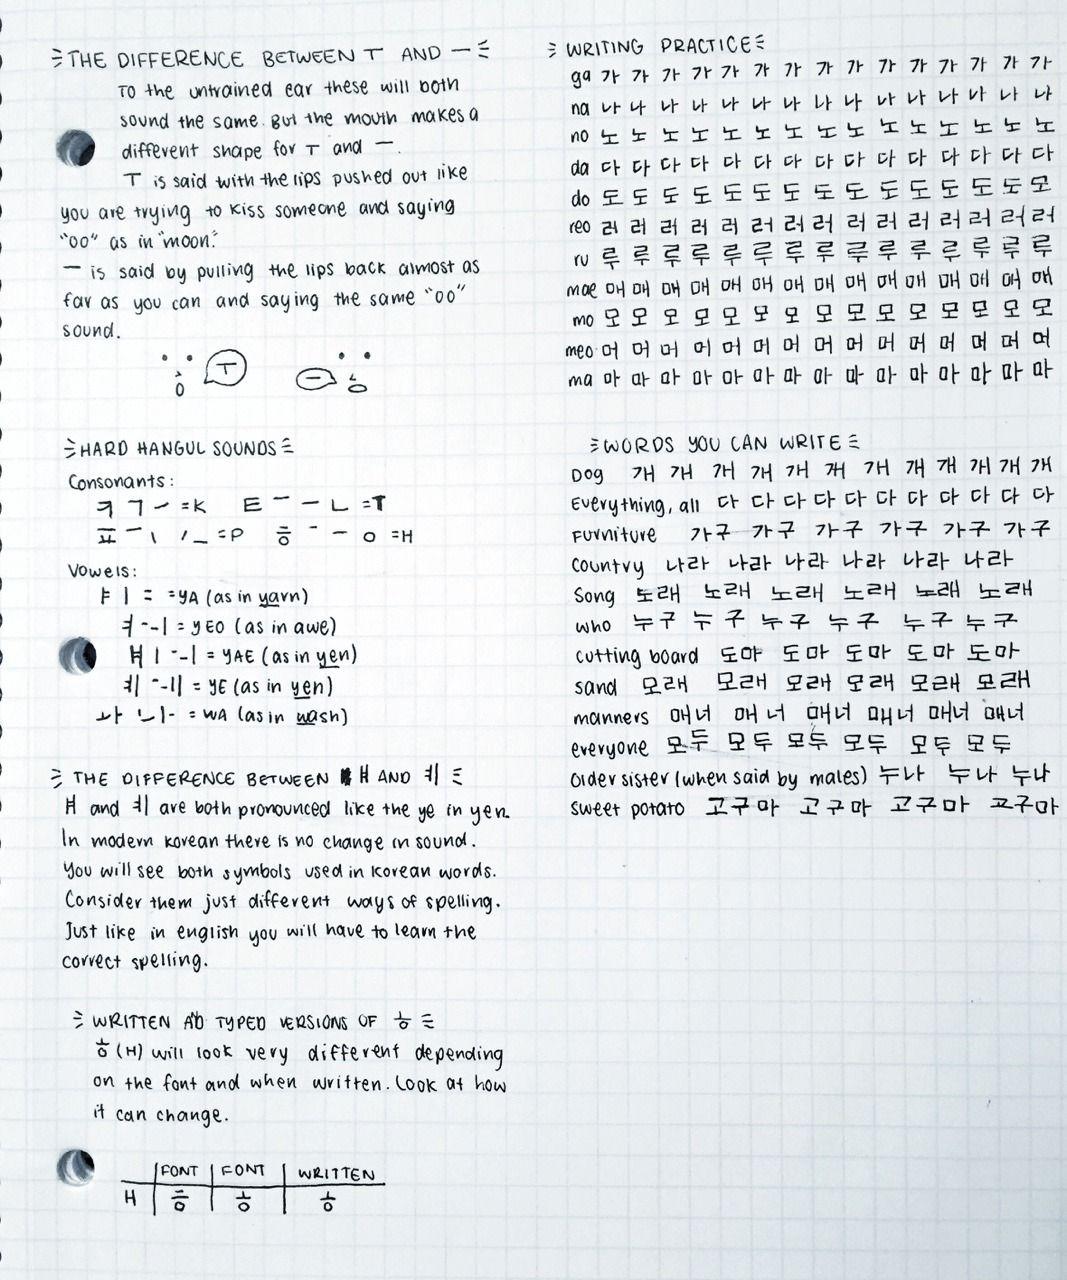 Learn Korean online   Free Korean lessons